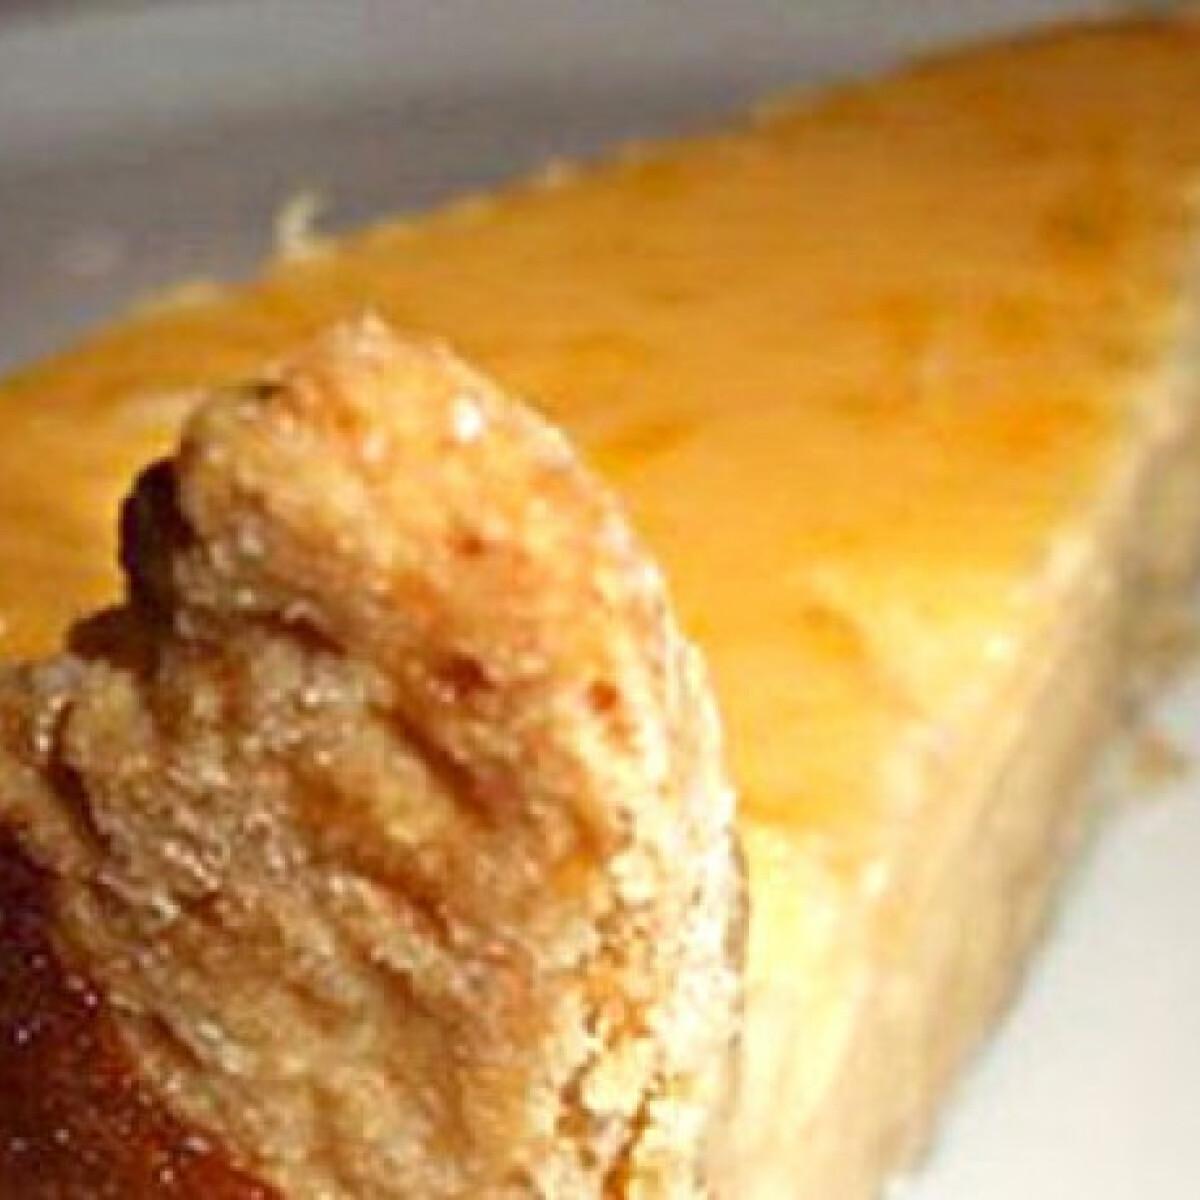 Francia citromtorta házi recept alapján